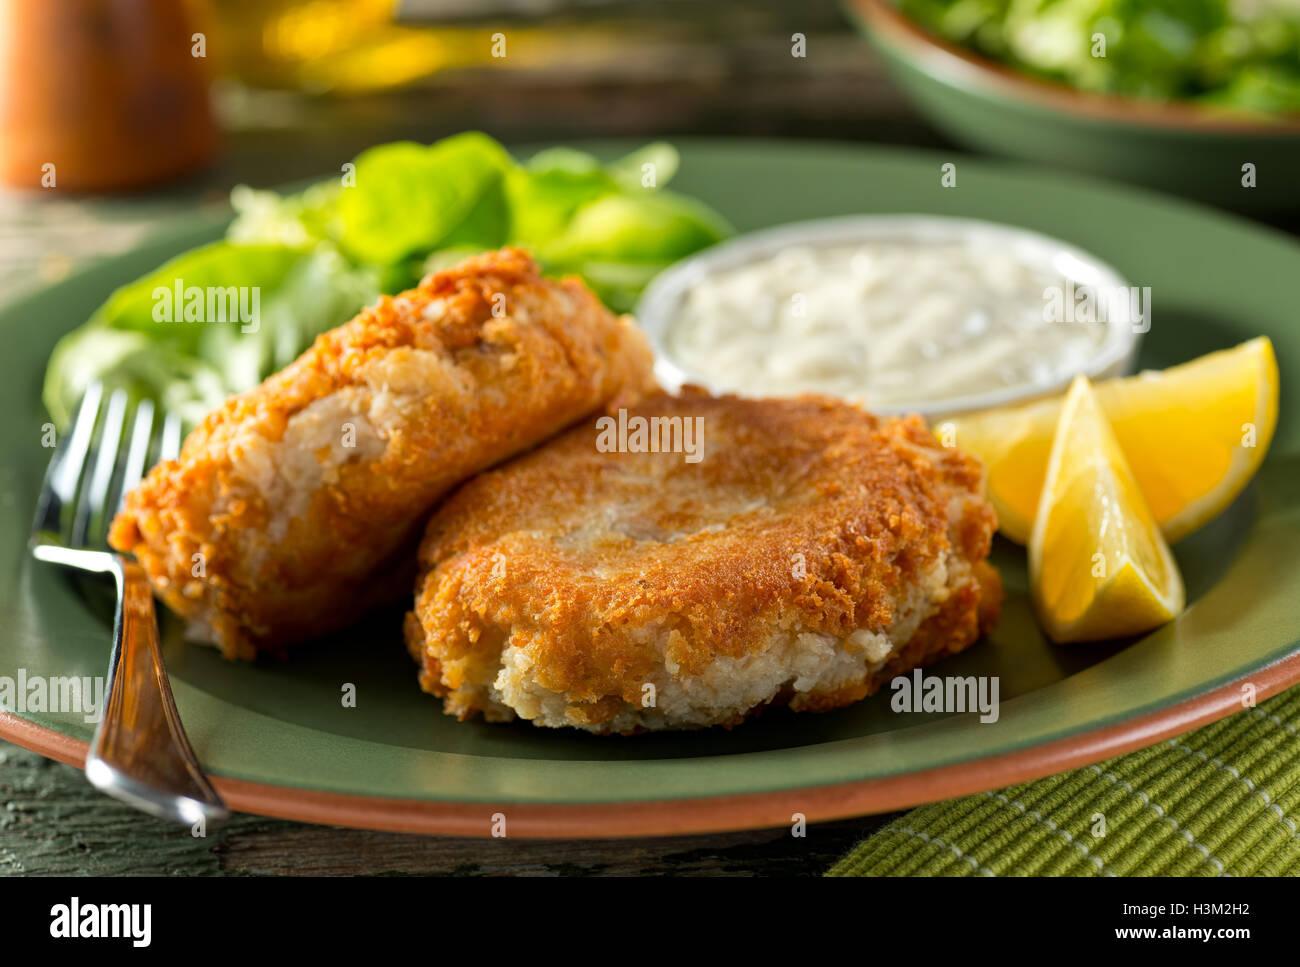 Ein Teller mit leckeren selbstgemachten Fischfrikadellen mit Zitronen, grüner Salat und Remoulade. Stockbild